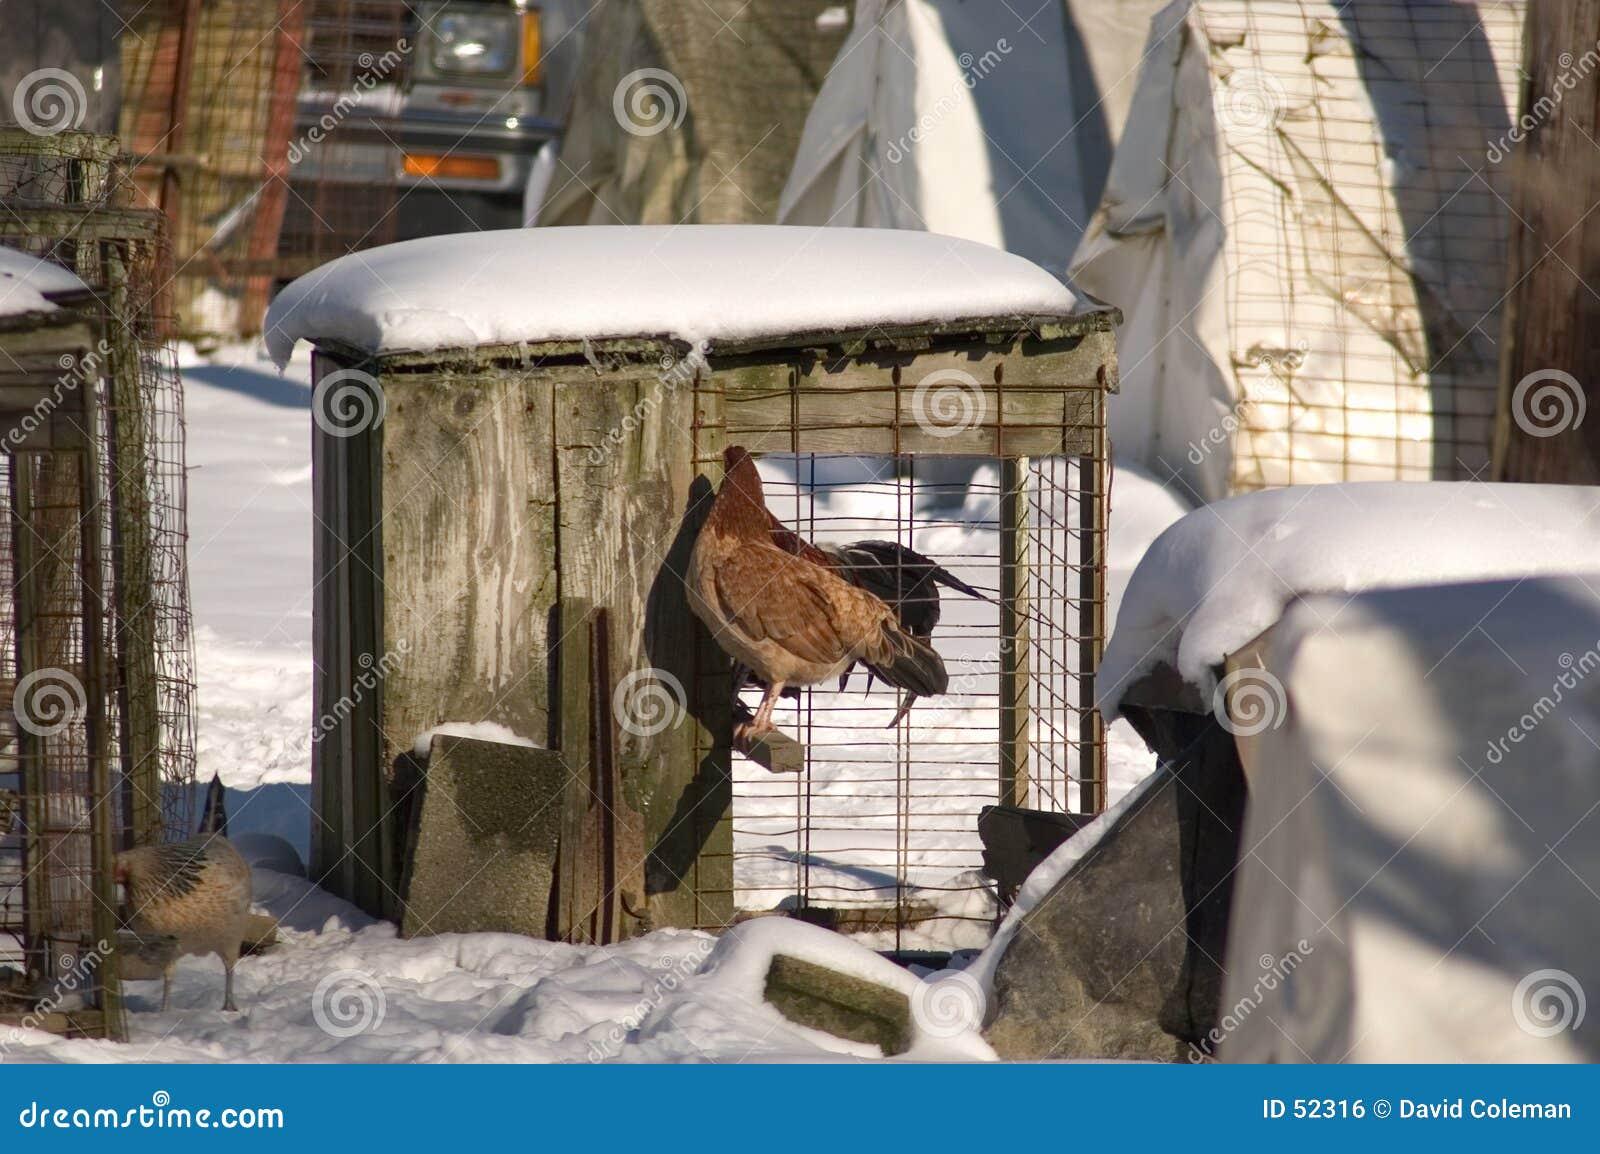 Pollo en jaula